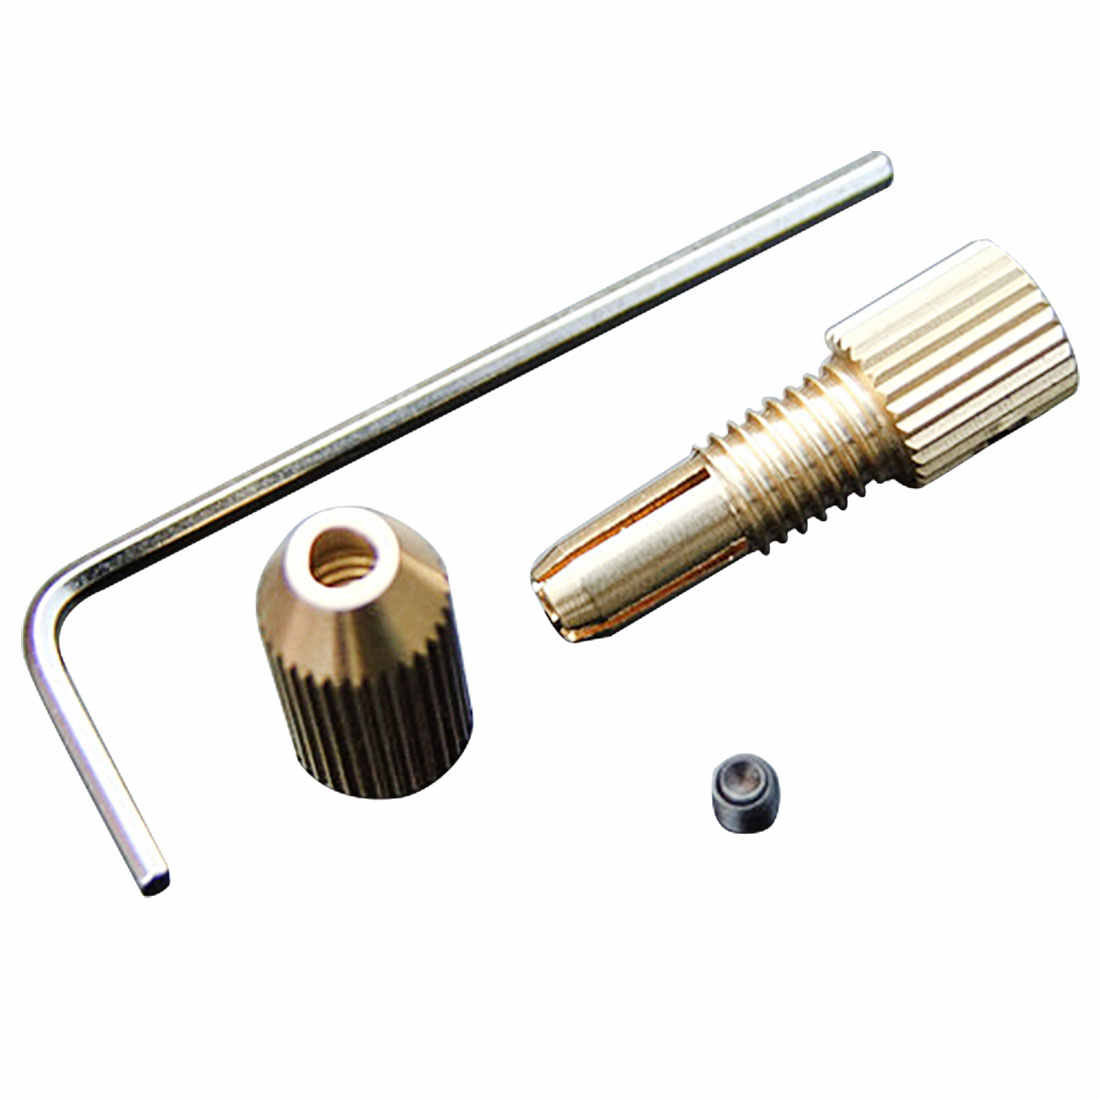 Вал электродвигателя зажимное приспособление Патрон сверлильный патрон 2,0 мм латунный микроразборка зажимное приспособление патрон для сверла 0,8 мм-1,5 мм